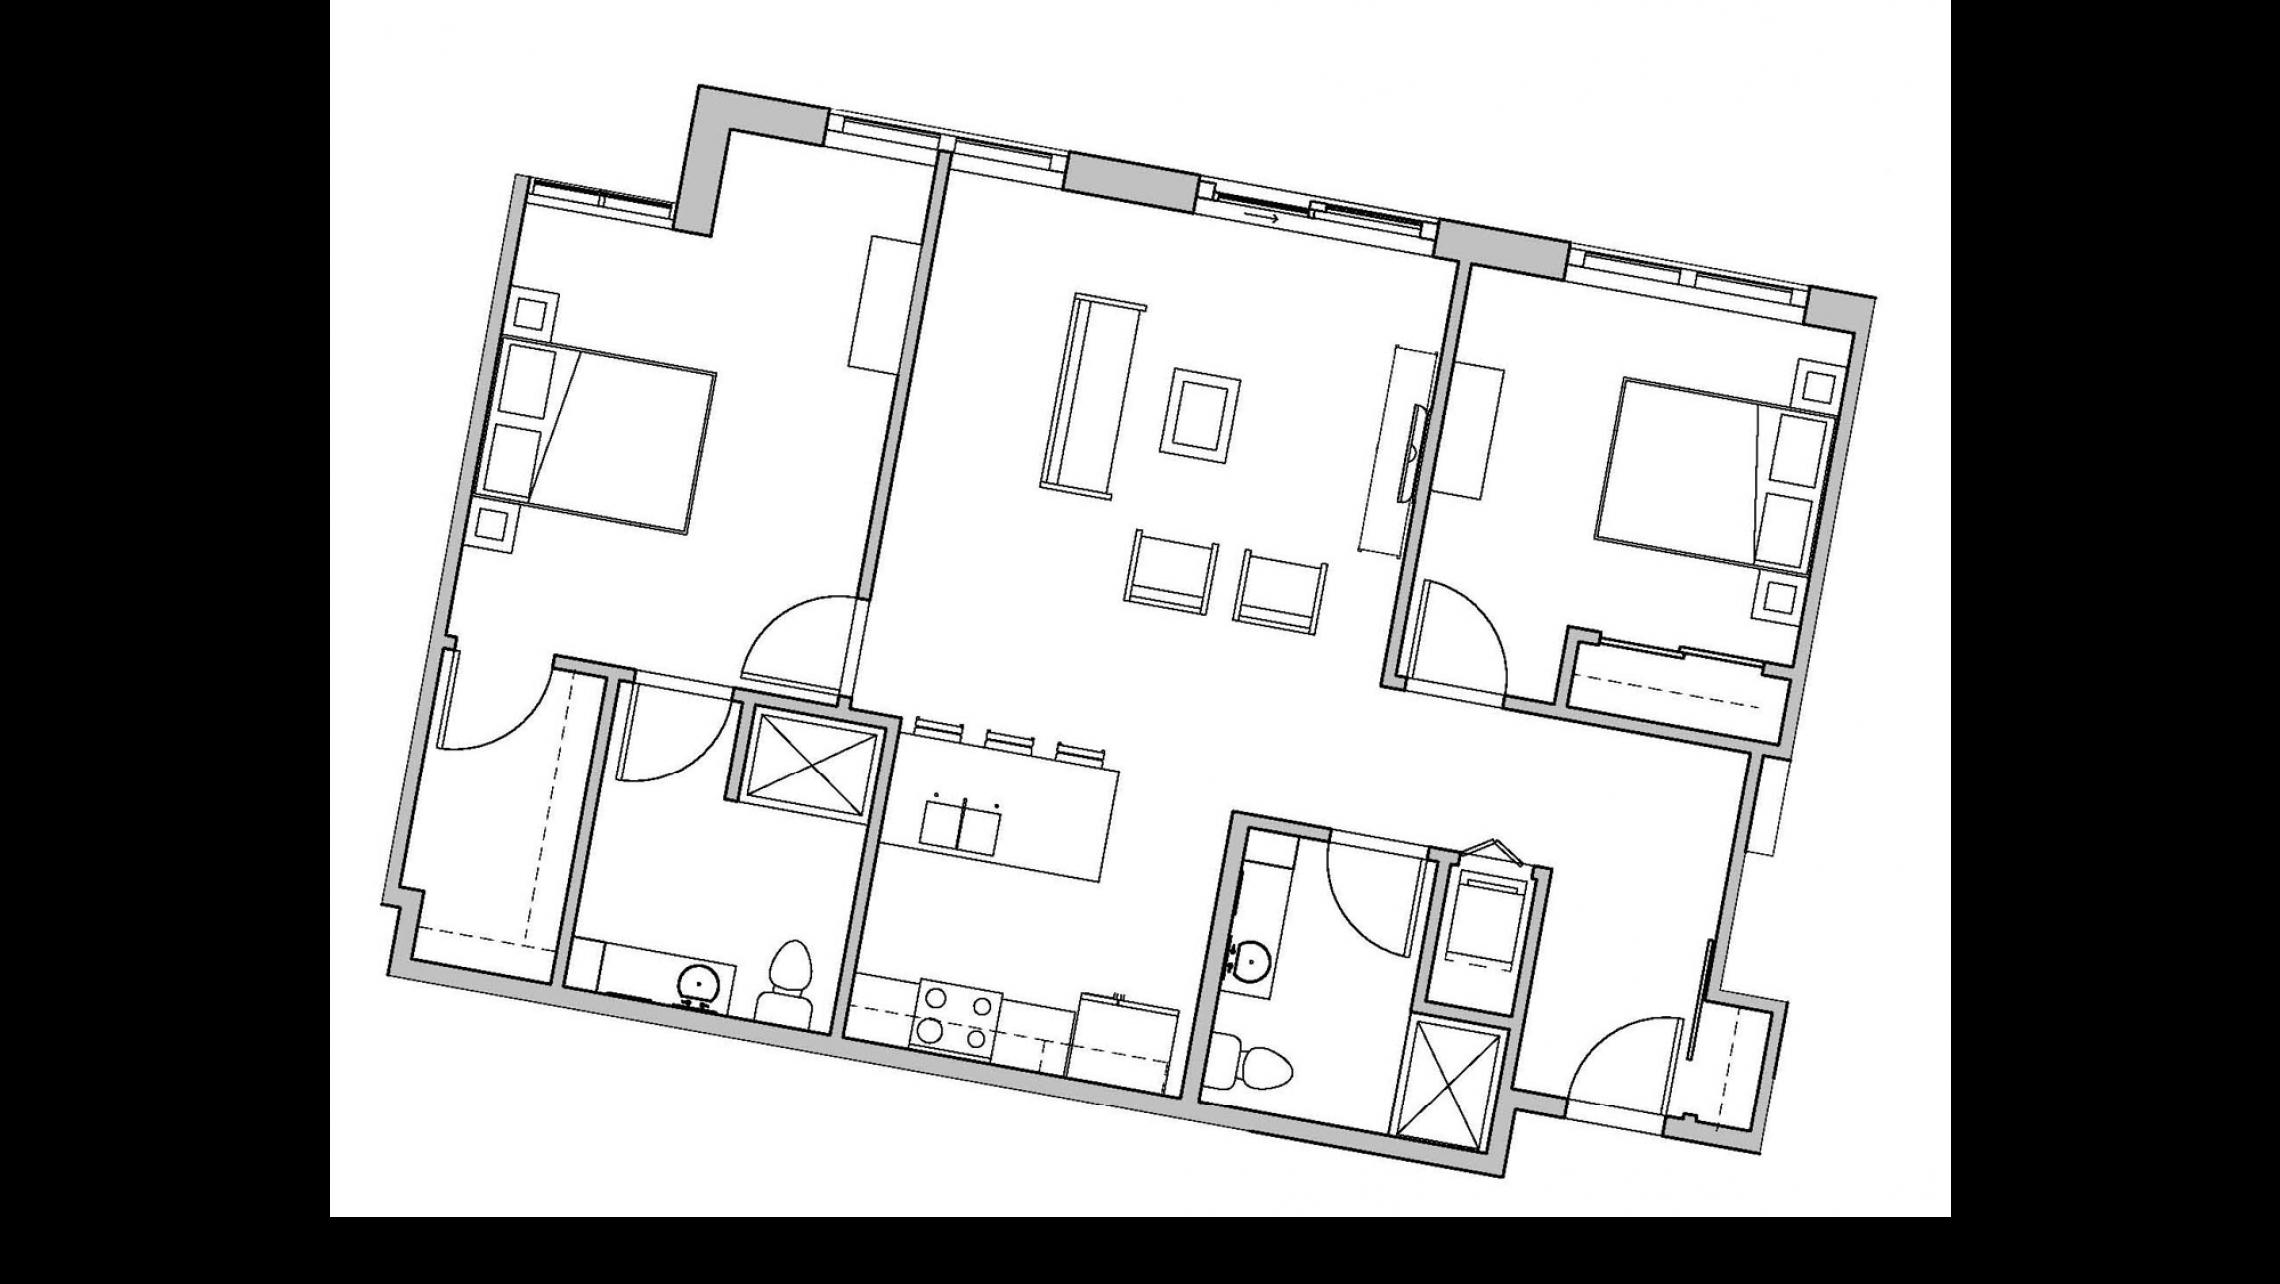 ULI Seven27 337 - Two Bedroom, Two Bathroom